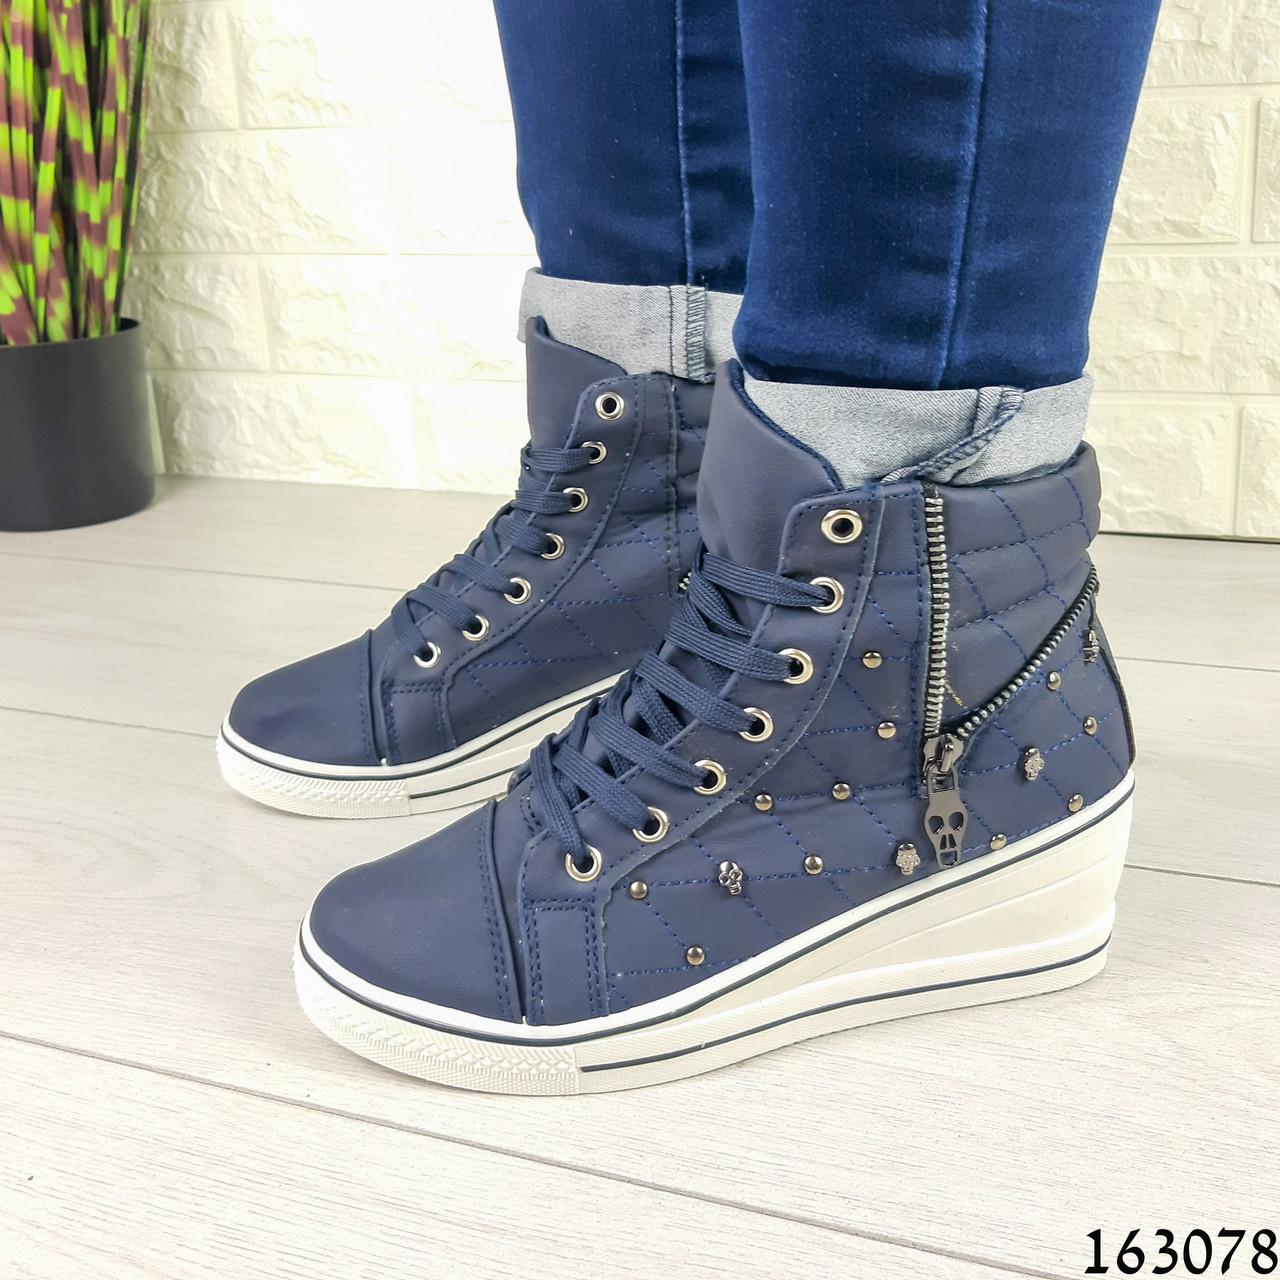 Женские ботинки демисезонные синие на танкетке из эко кожи. Внутри текстильная подкладка